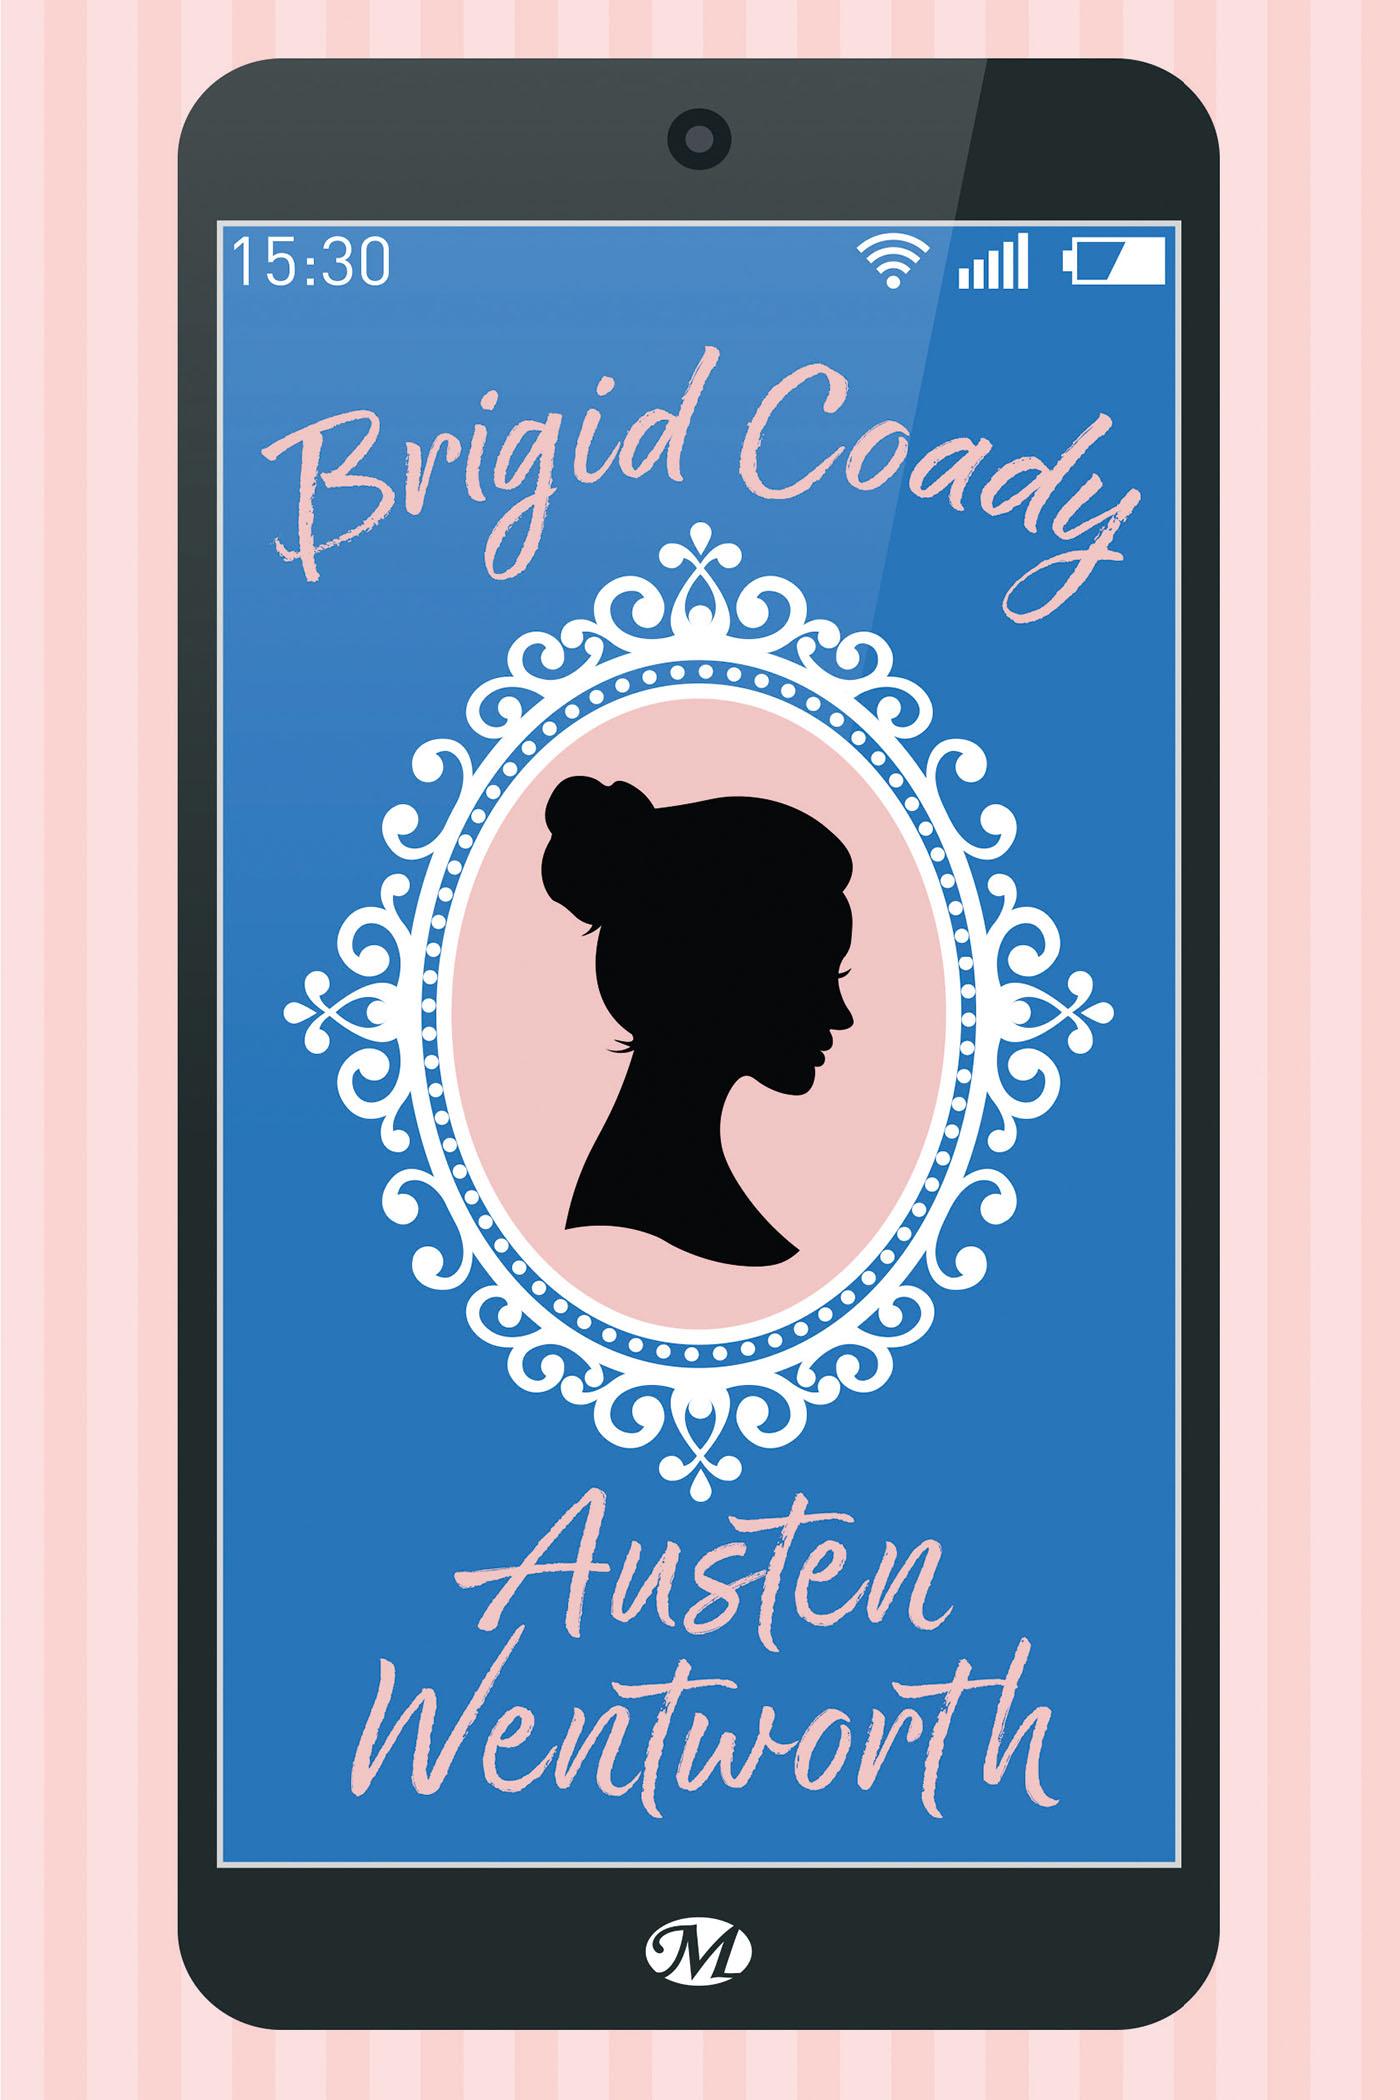 Austen Wentworth de Brigid Coady